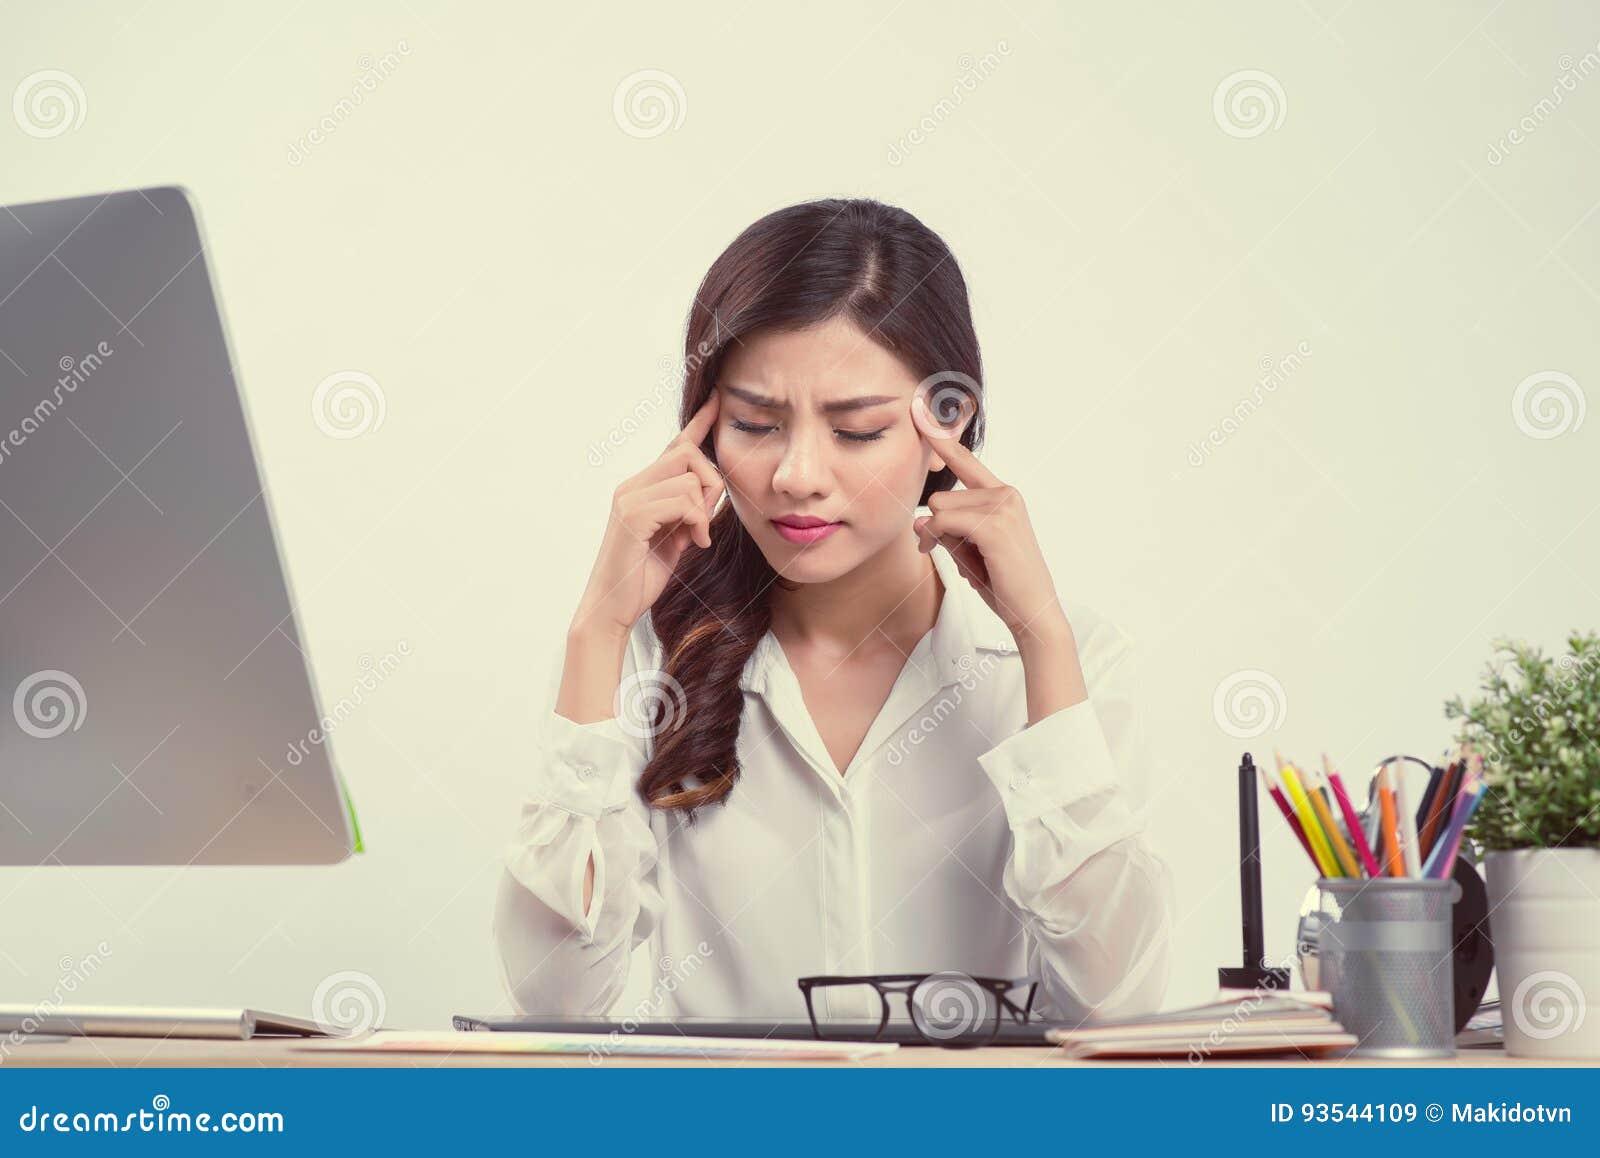 Bostezo soñoliento cansado de la mujer, trabajando en el escritorio de oficina Trabajo excesivo y